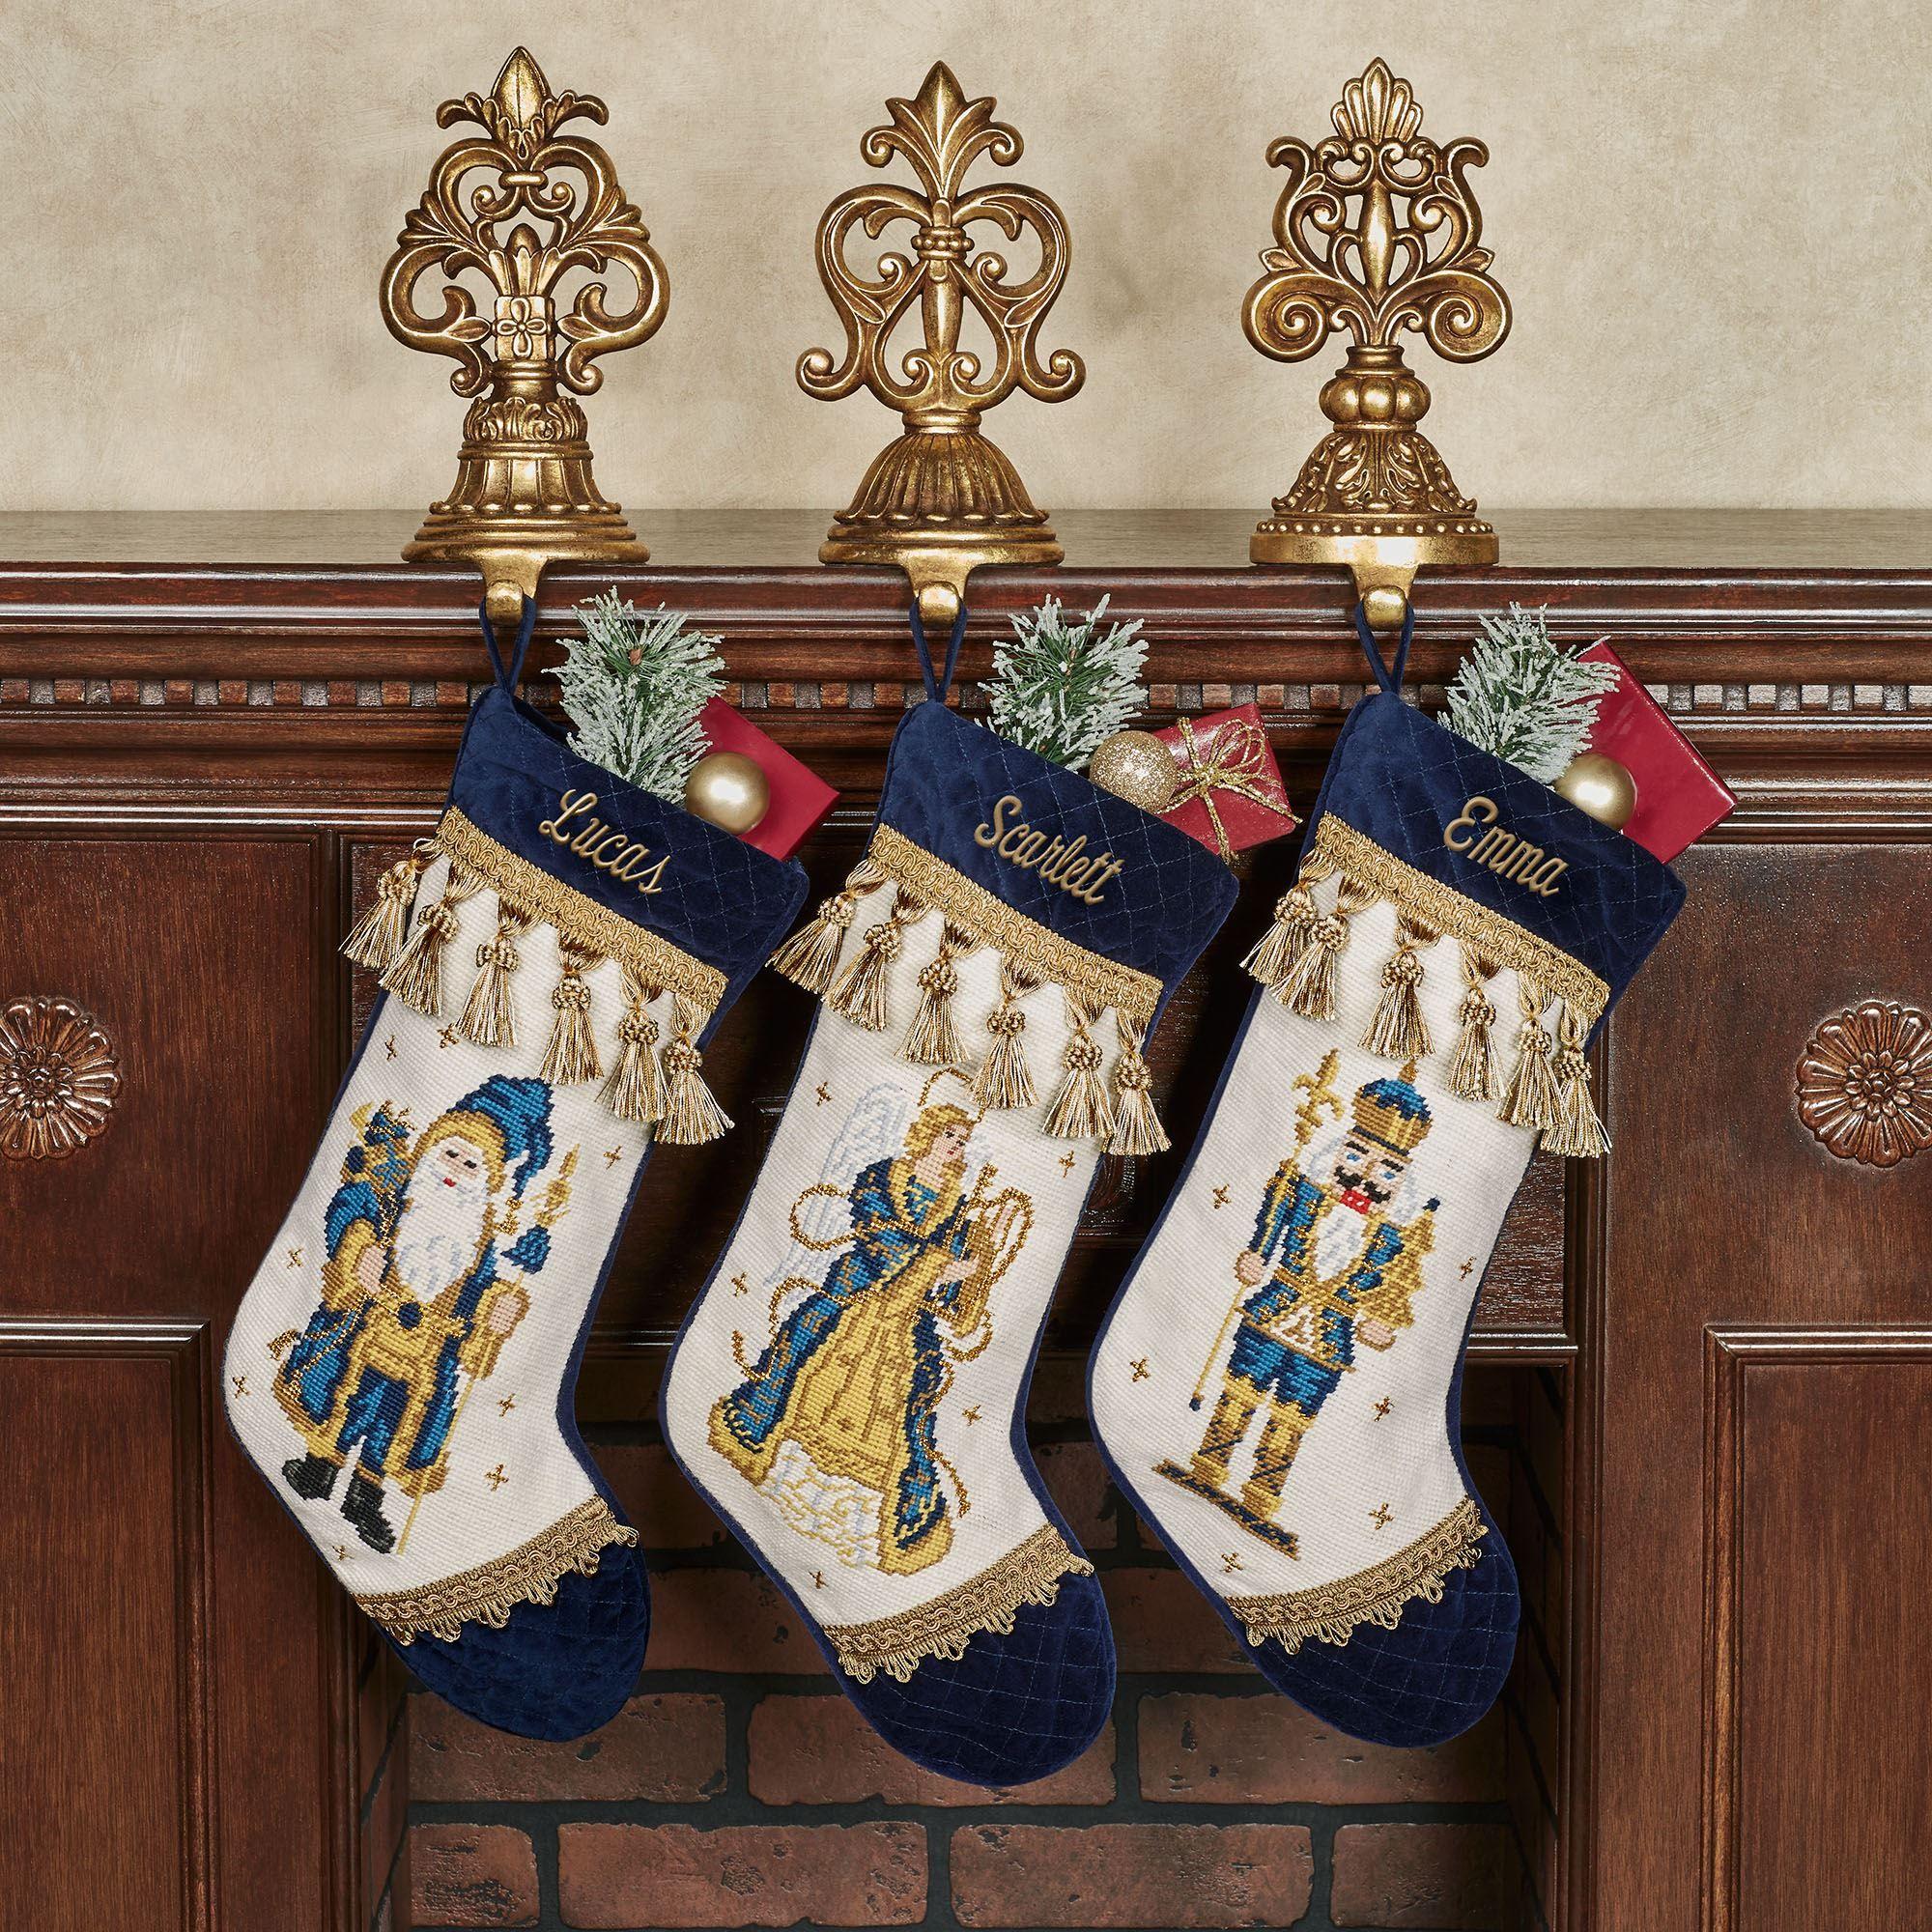 Needlepoint Christmas Stockings.Holiday Reflections Navy Needlepoint Christmas Stockings